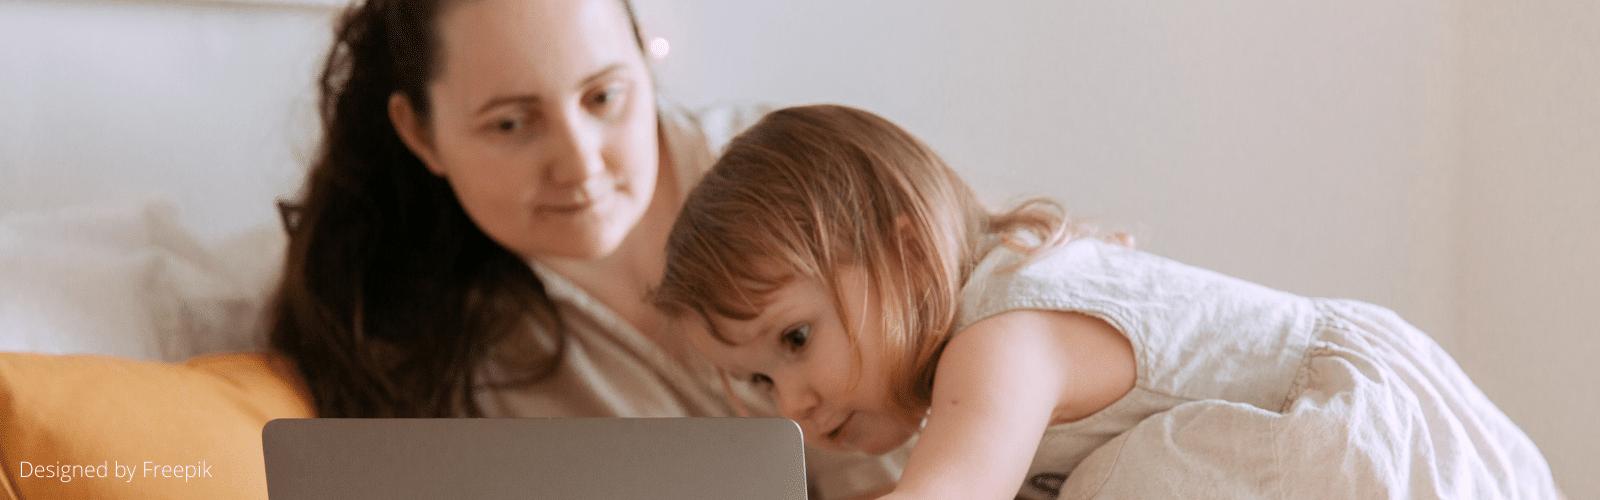 Comment faire du babysitting : conseils pour assurer en garde d'enfants !